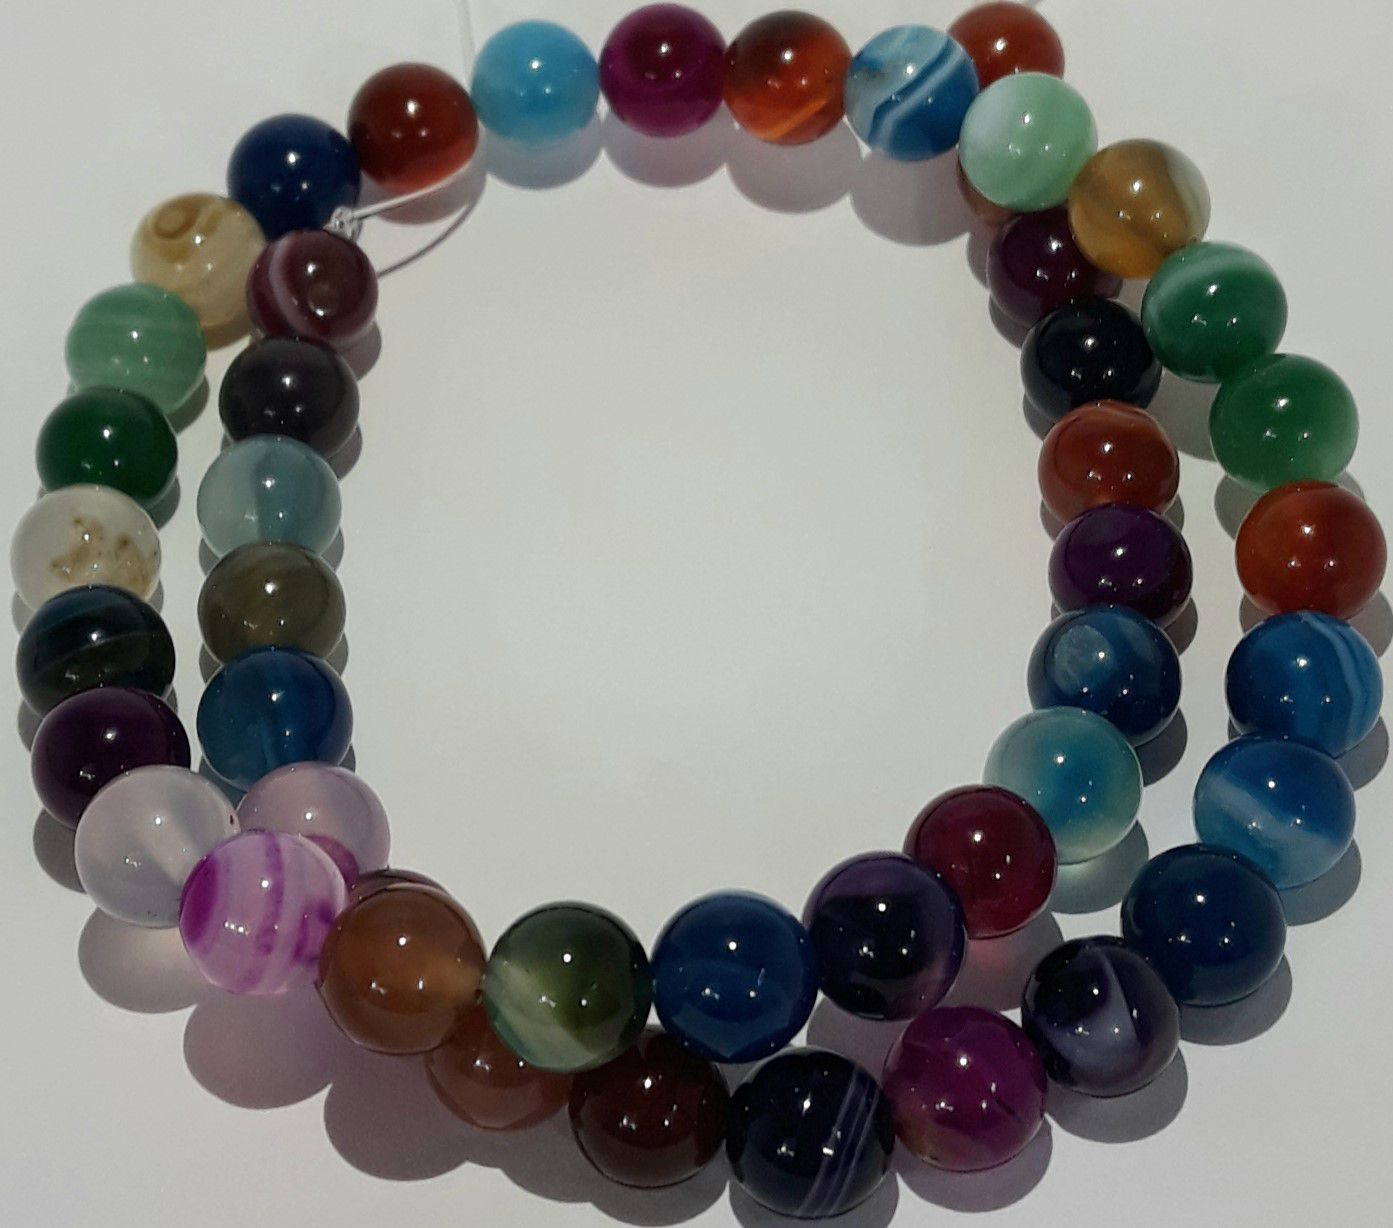 Pedra Mix de Agata - PED08161